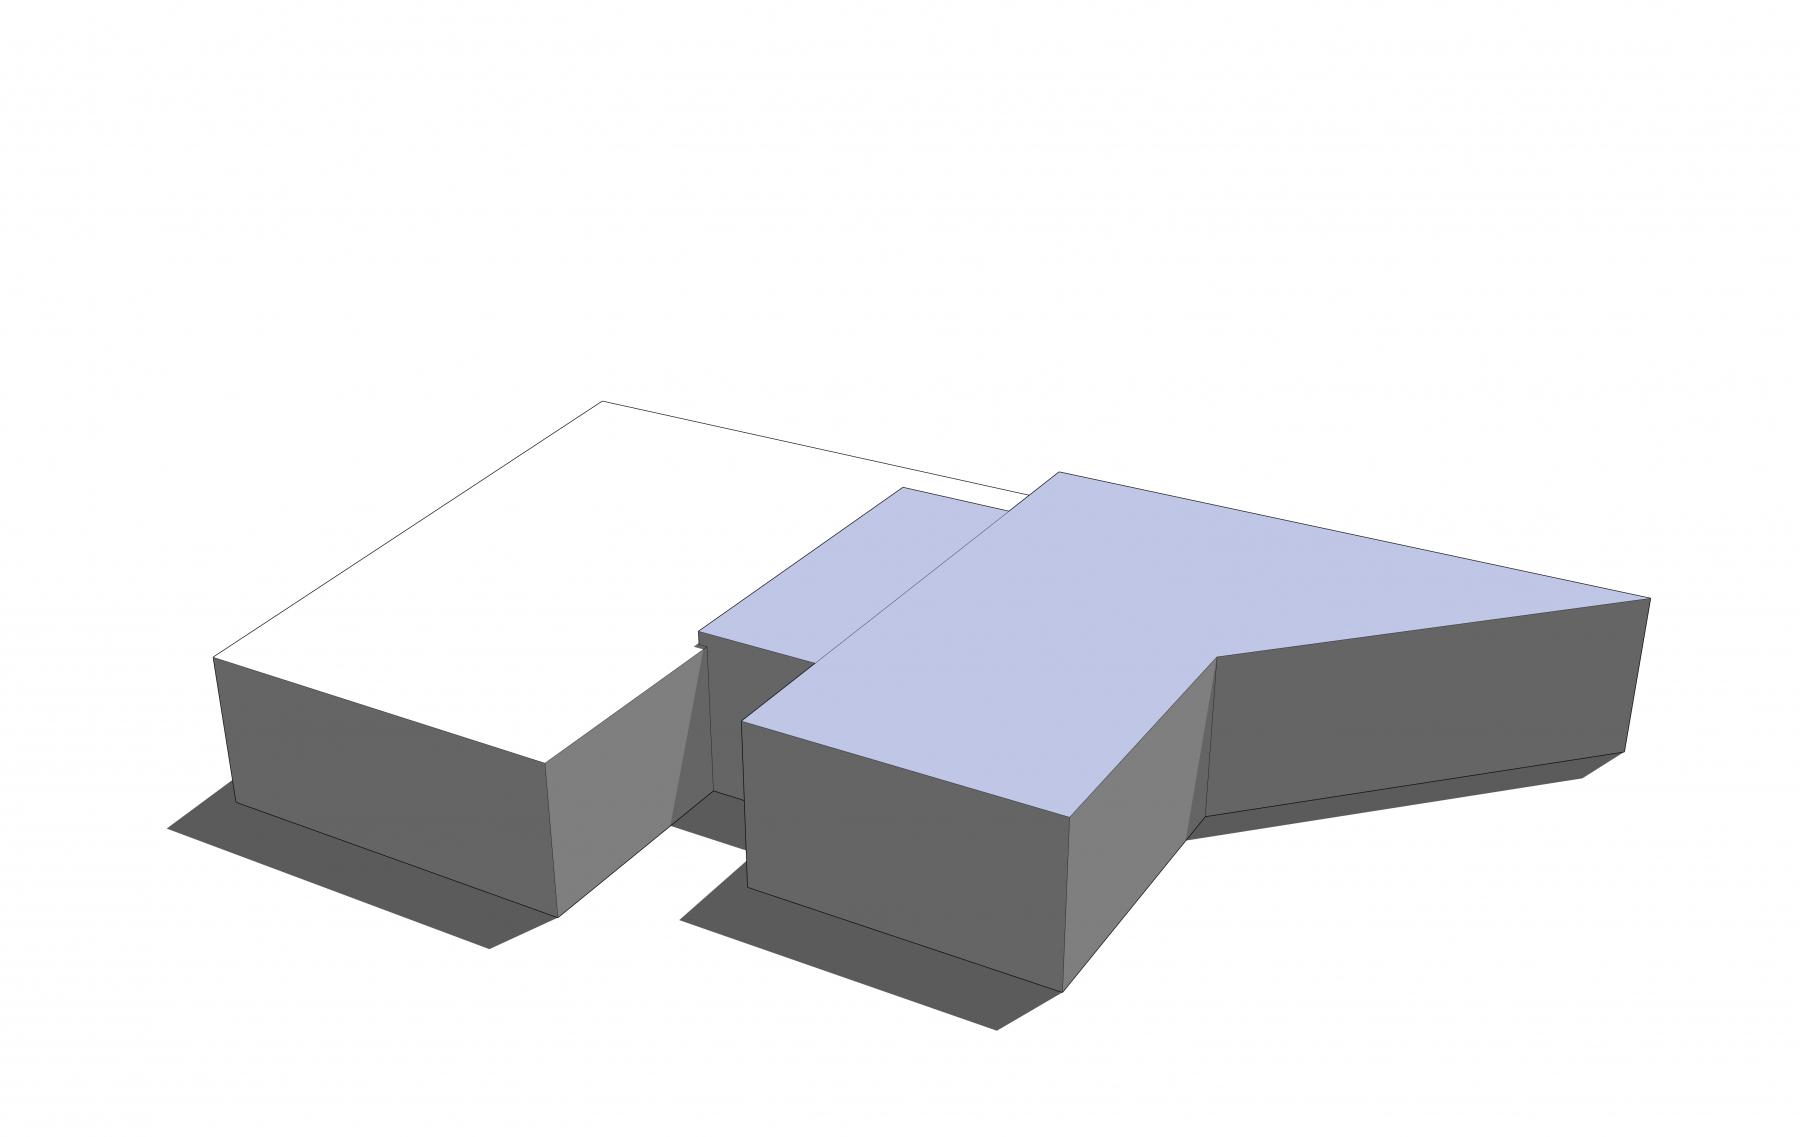 292-oosterhoutlaan-haarlem-animatie-4